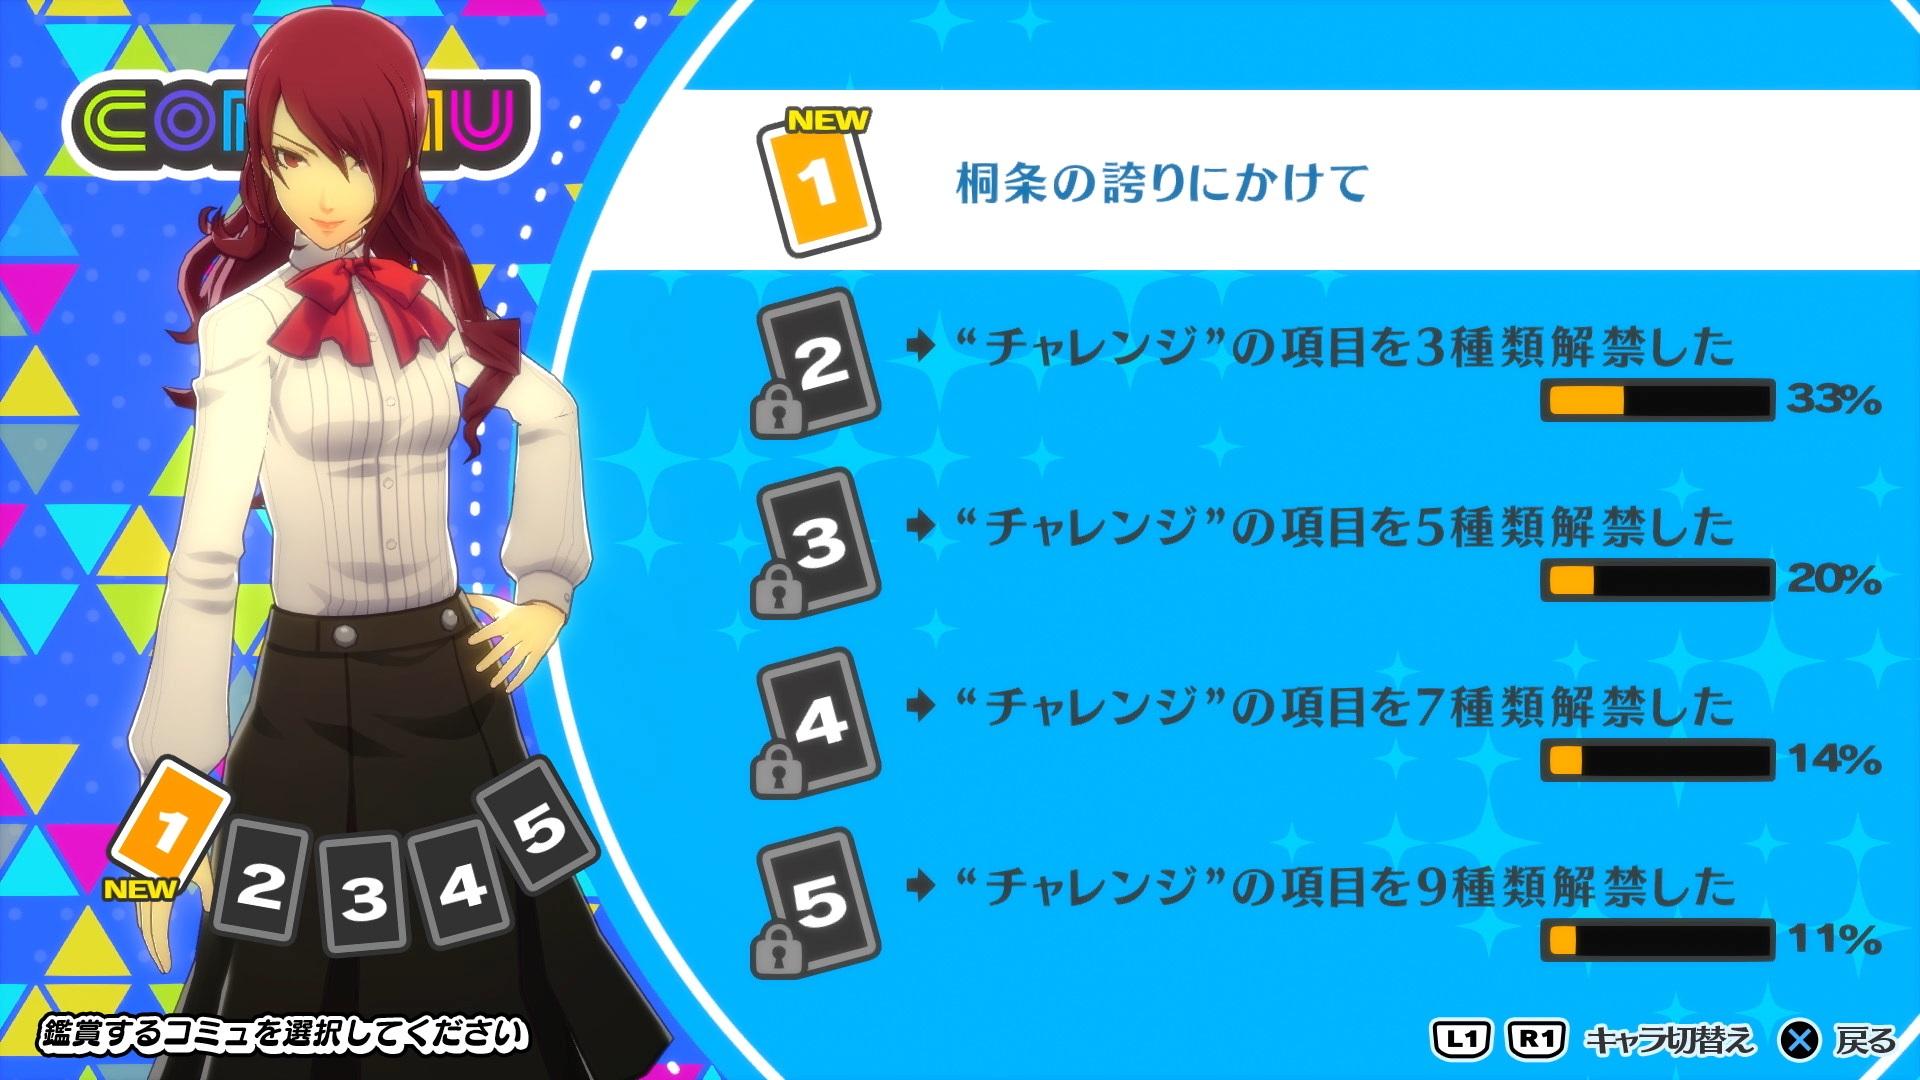 Persona 5 Persona 3 Dancing Morgana Yusuke Mitsuru Akihiko